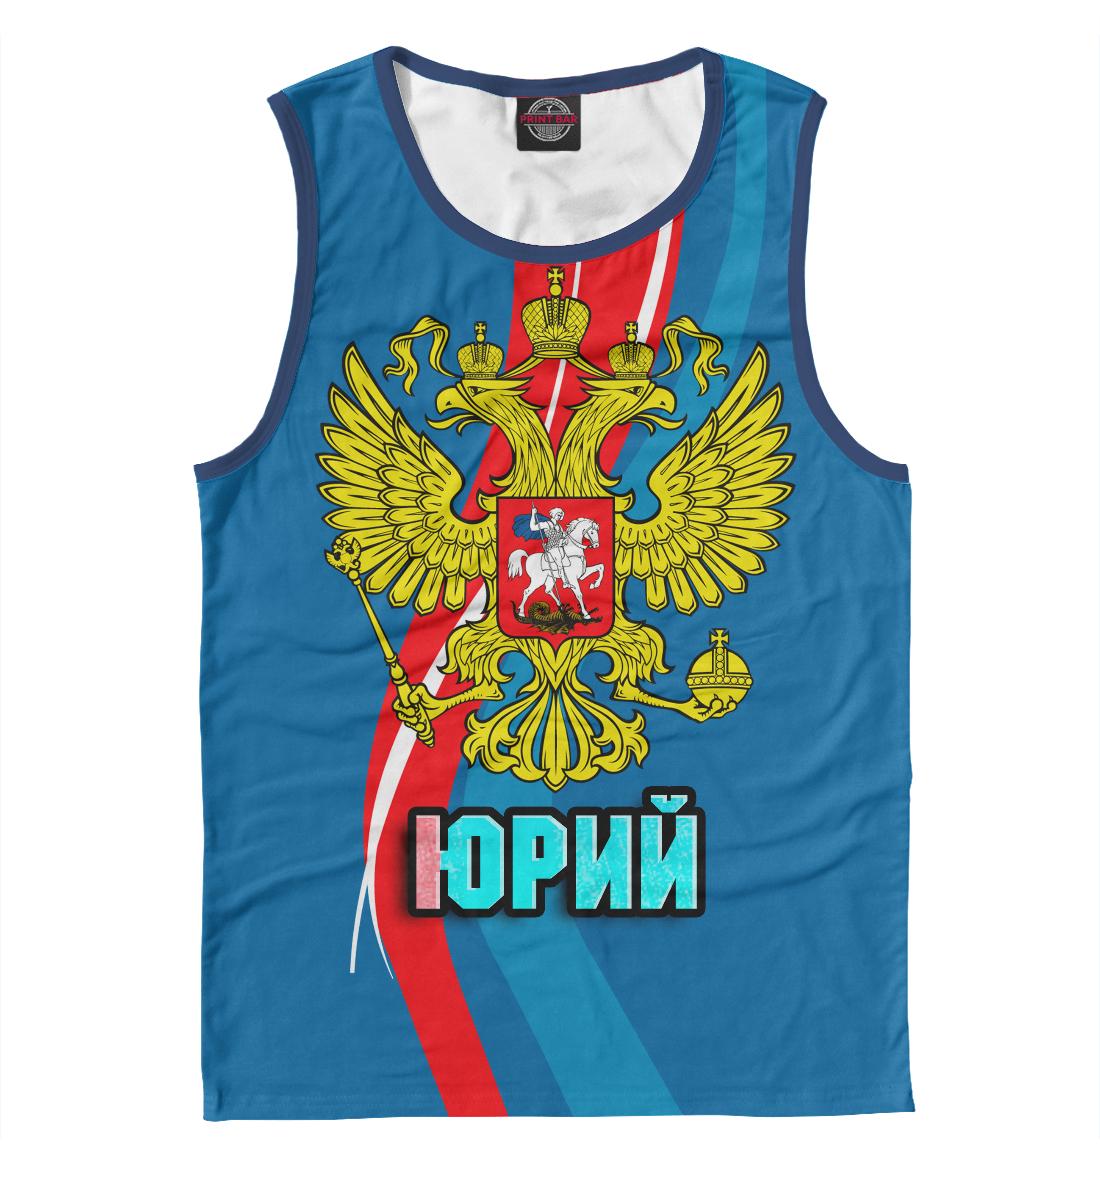 Купить Герб Юрий, Printbar, Майки, YUR-664654-may-2